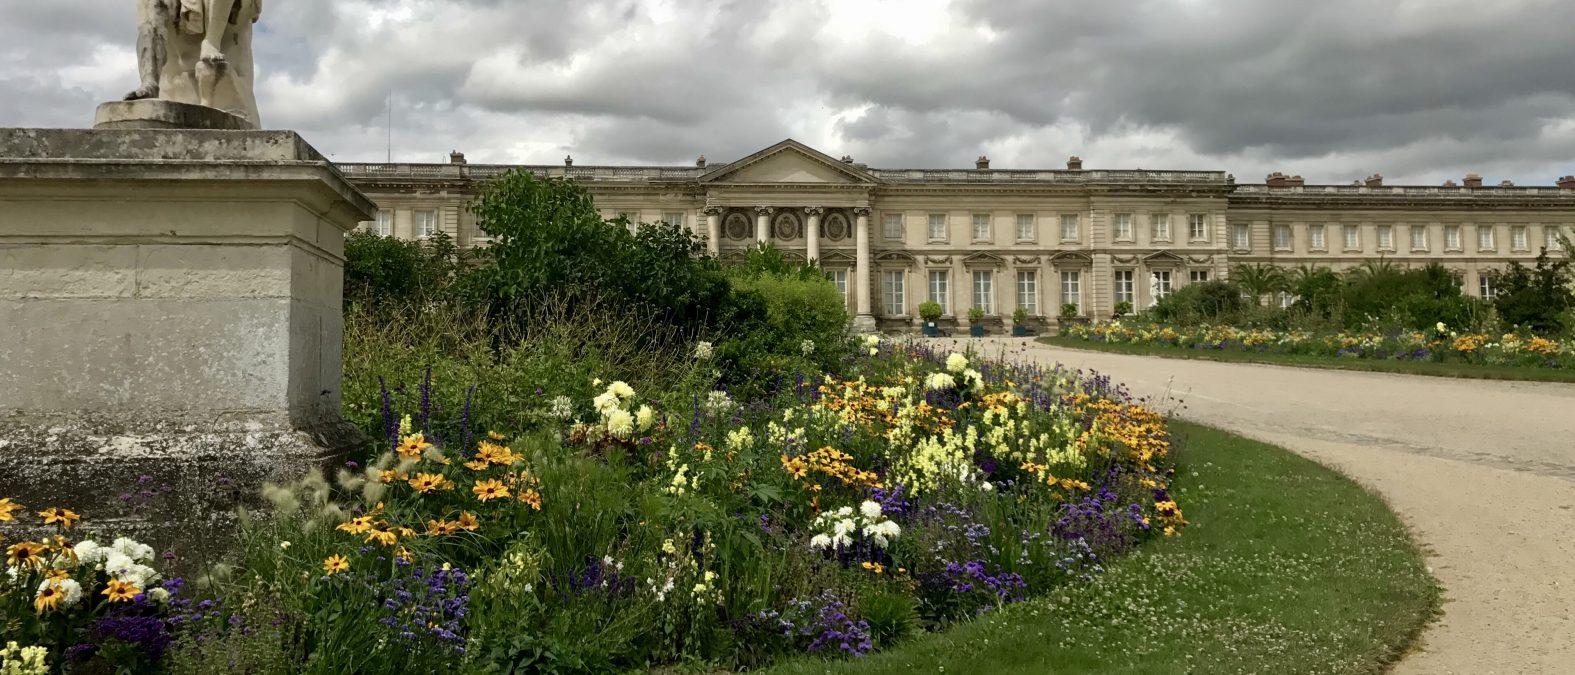 Chateau de Compiègne